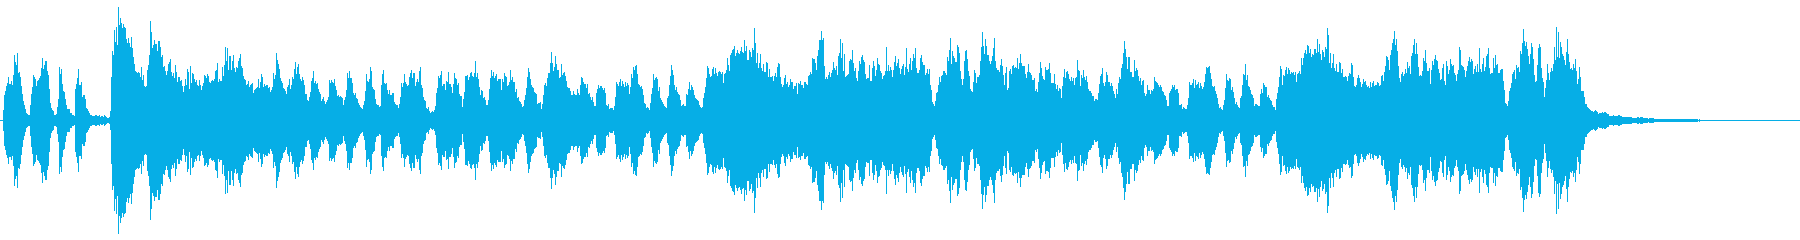 ステージクリア_クイズ番組系その1の再生済みの波形